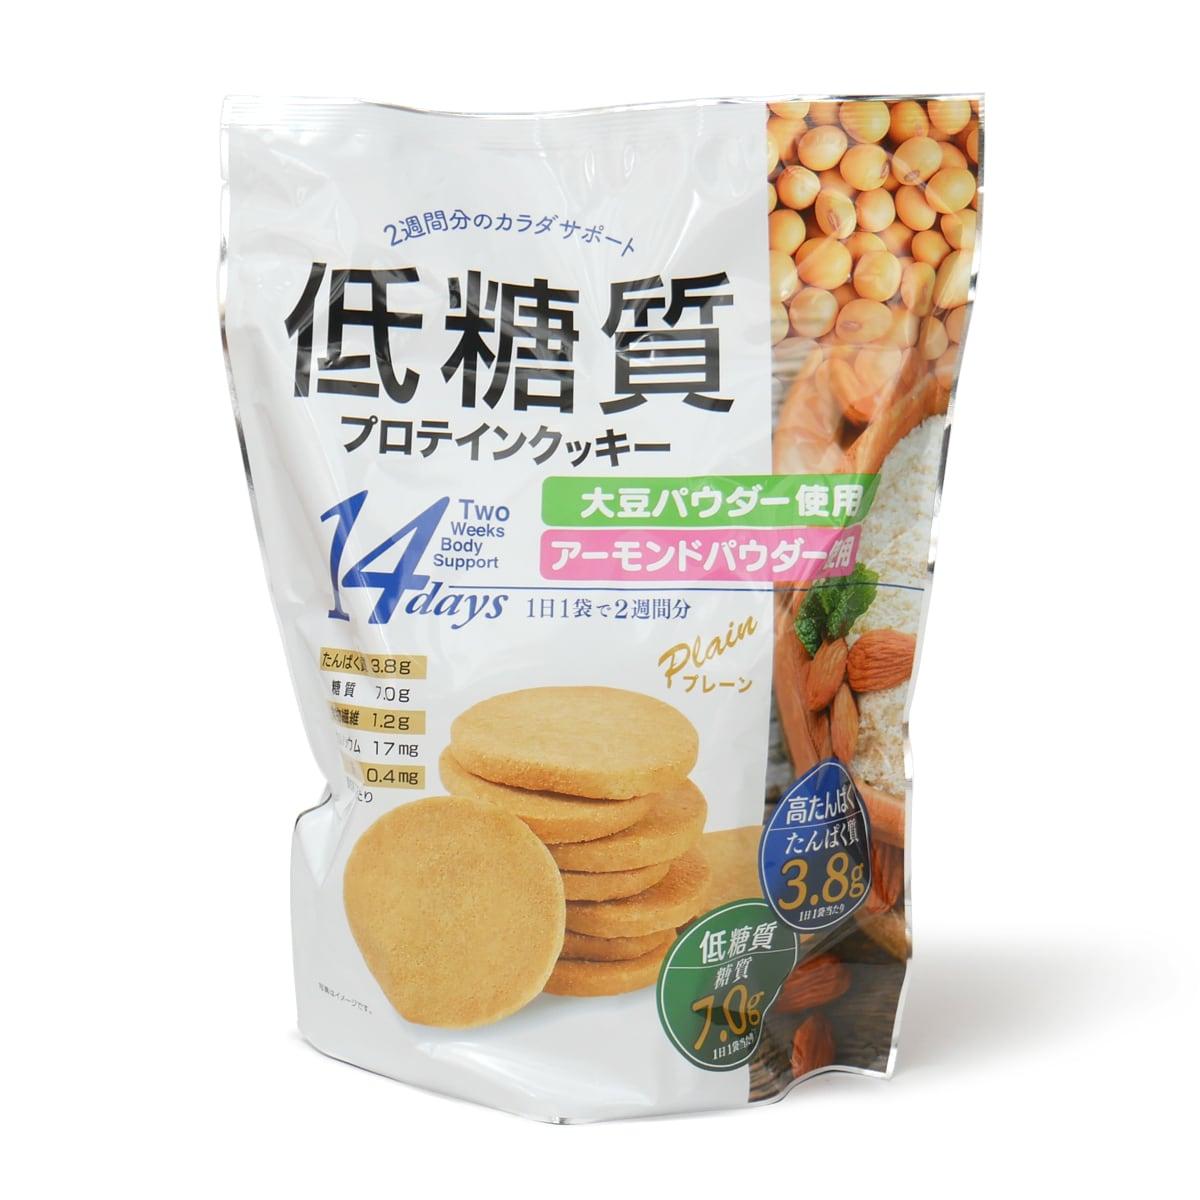 低糖質 プロテインクッキー 14日分